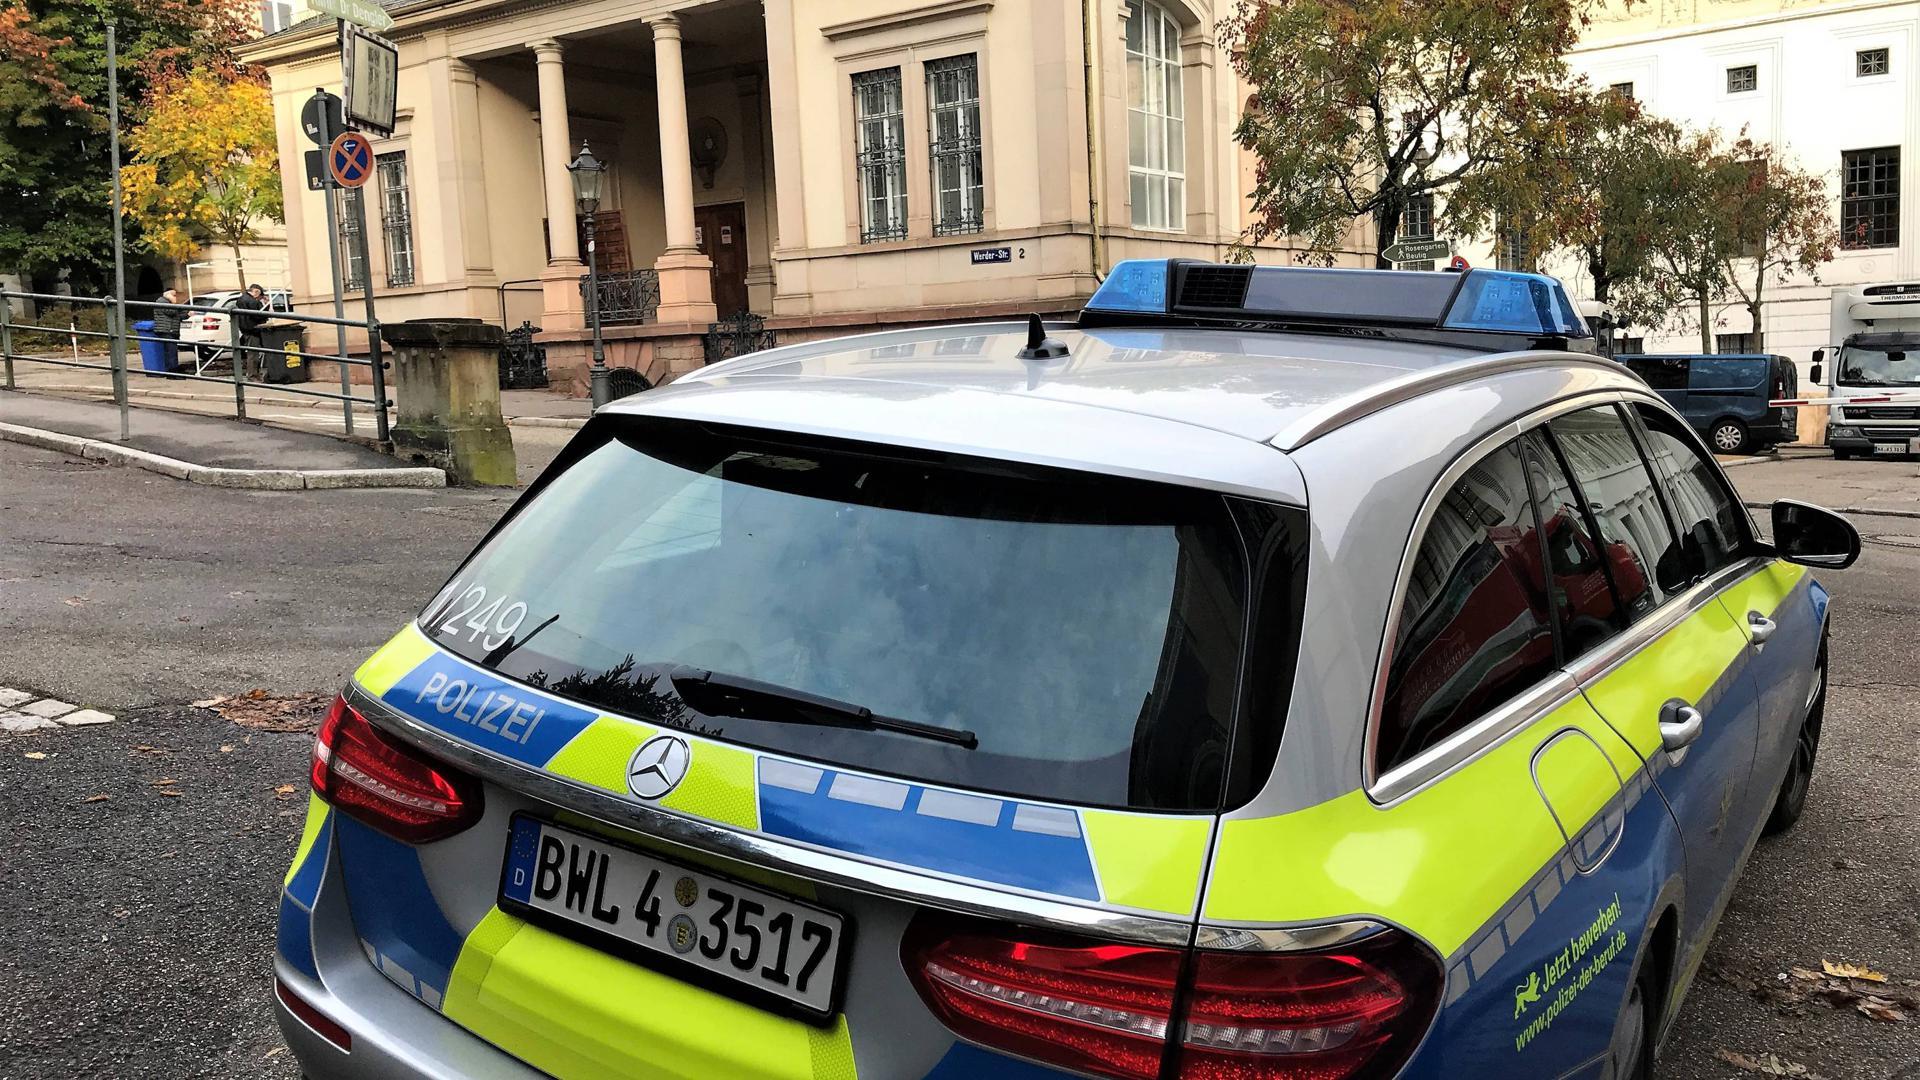 Mehr Präsenz: Die Polizei hat nach dem antisemitischen Terroranschlag in Halle einen Streifenwagen vor der Baden-Badener Synagoge postiert. Die Israelitische Kultusgemeinde feiert dort ab Sonntag das traditionelle Laubhüttenfest.